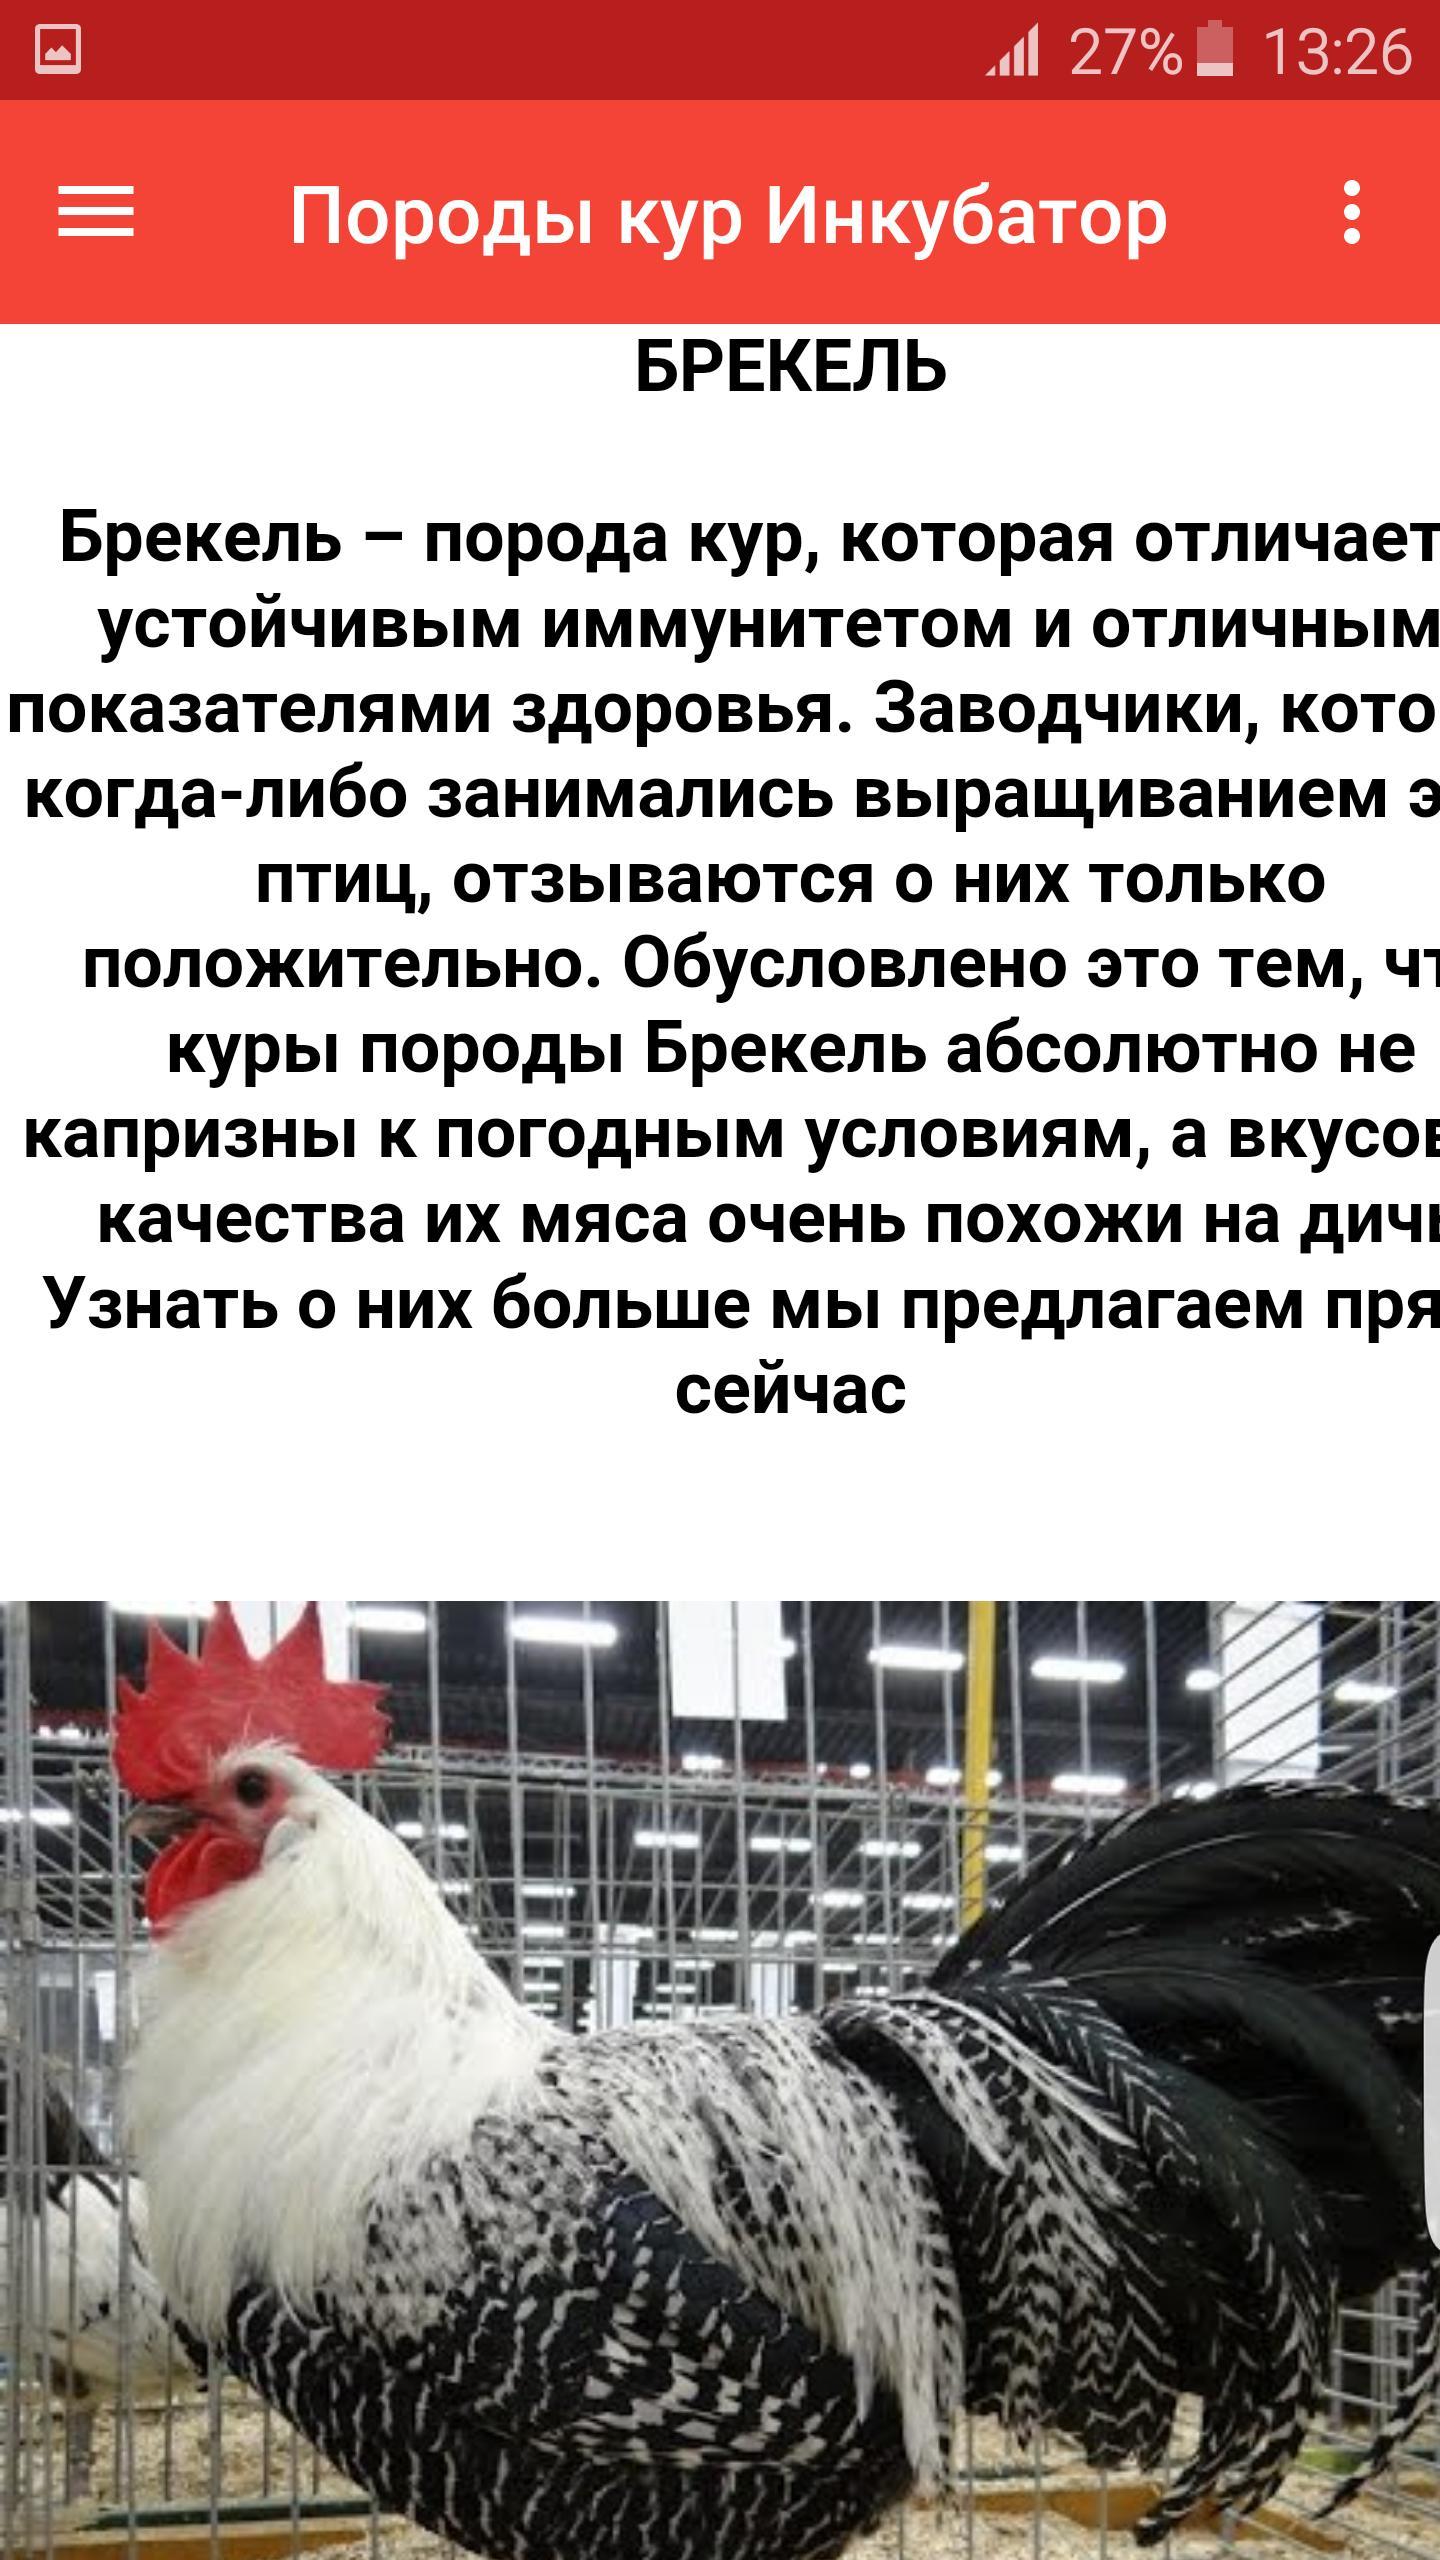 Старейшая курица яичной направленности Брекель